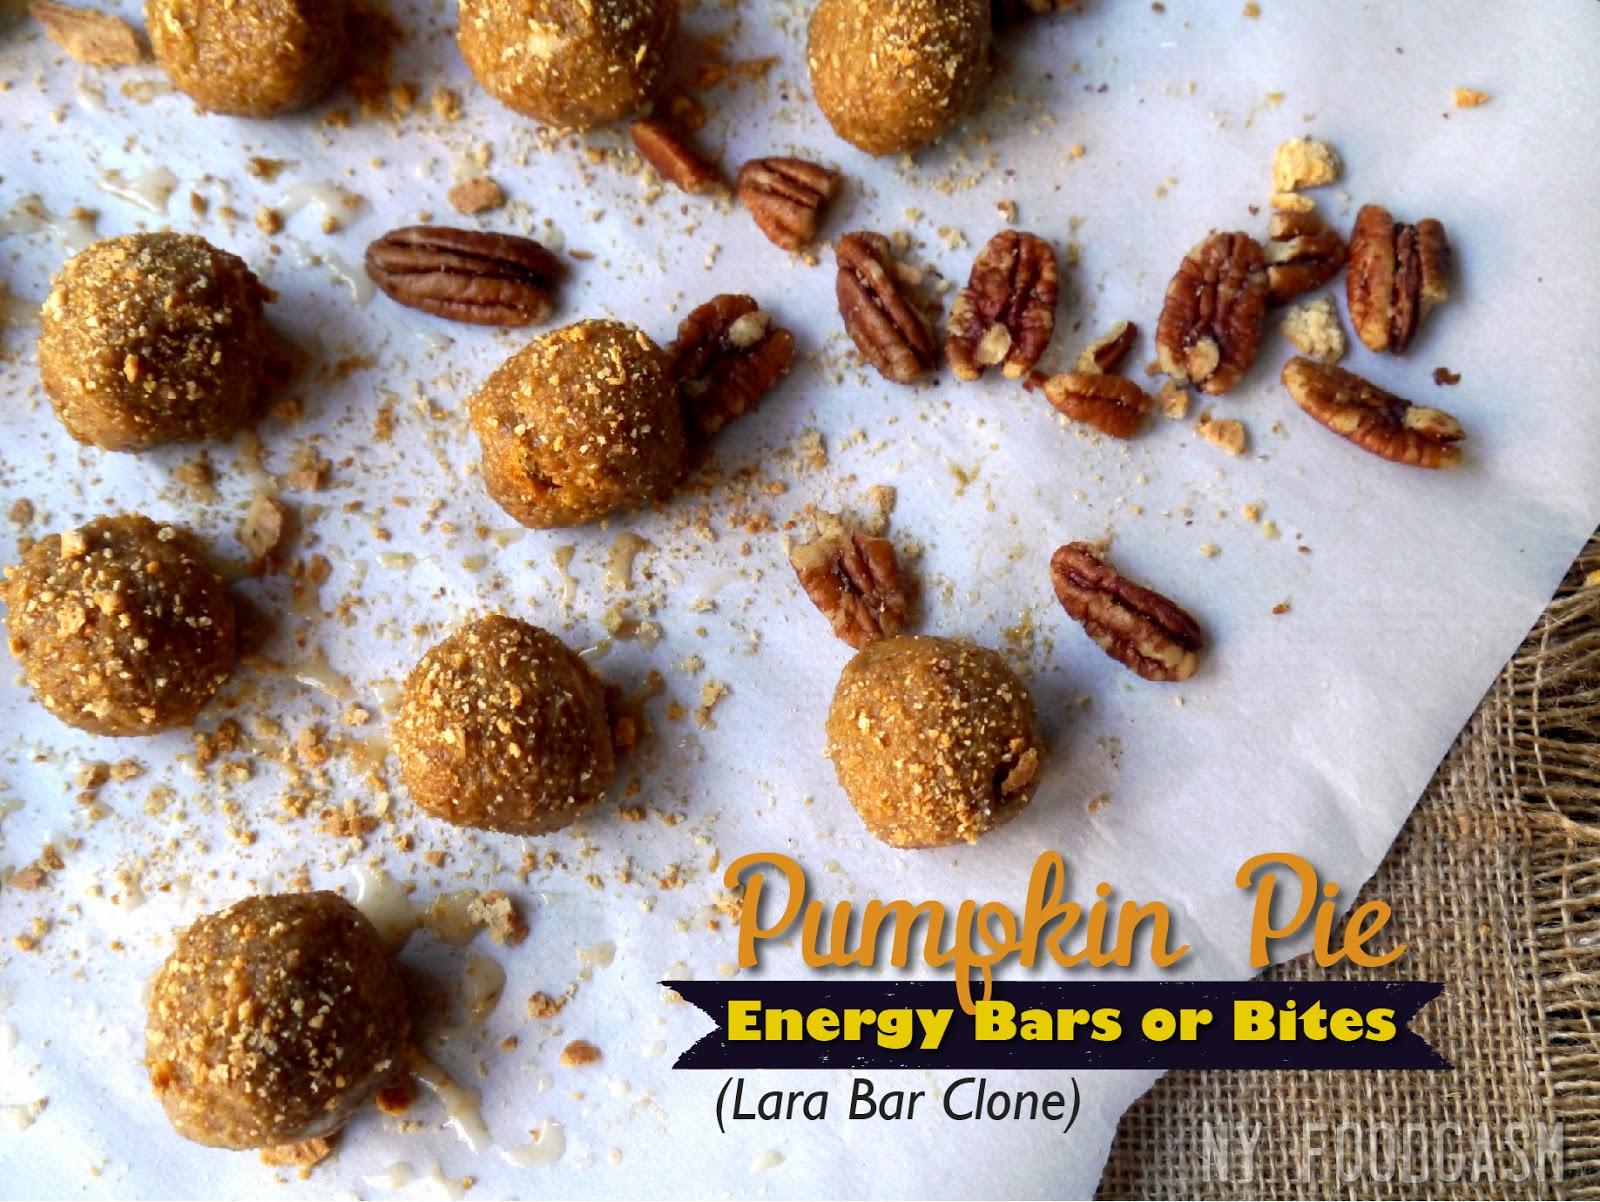 NY FoodGasm: Pumpkin Pie Energy Bars & Bites (Lara Bar Clone)